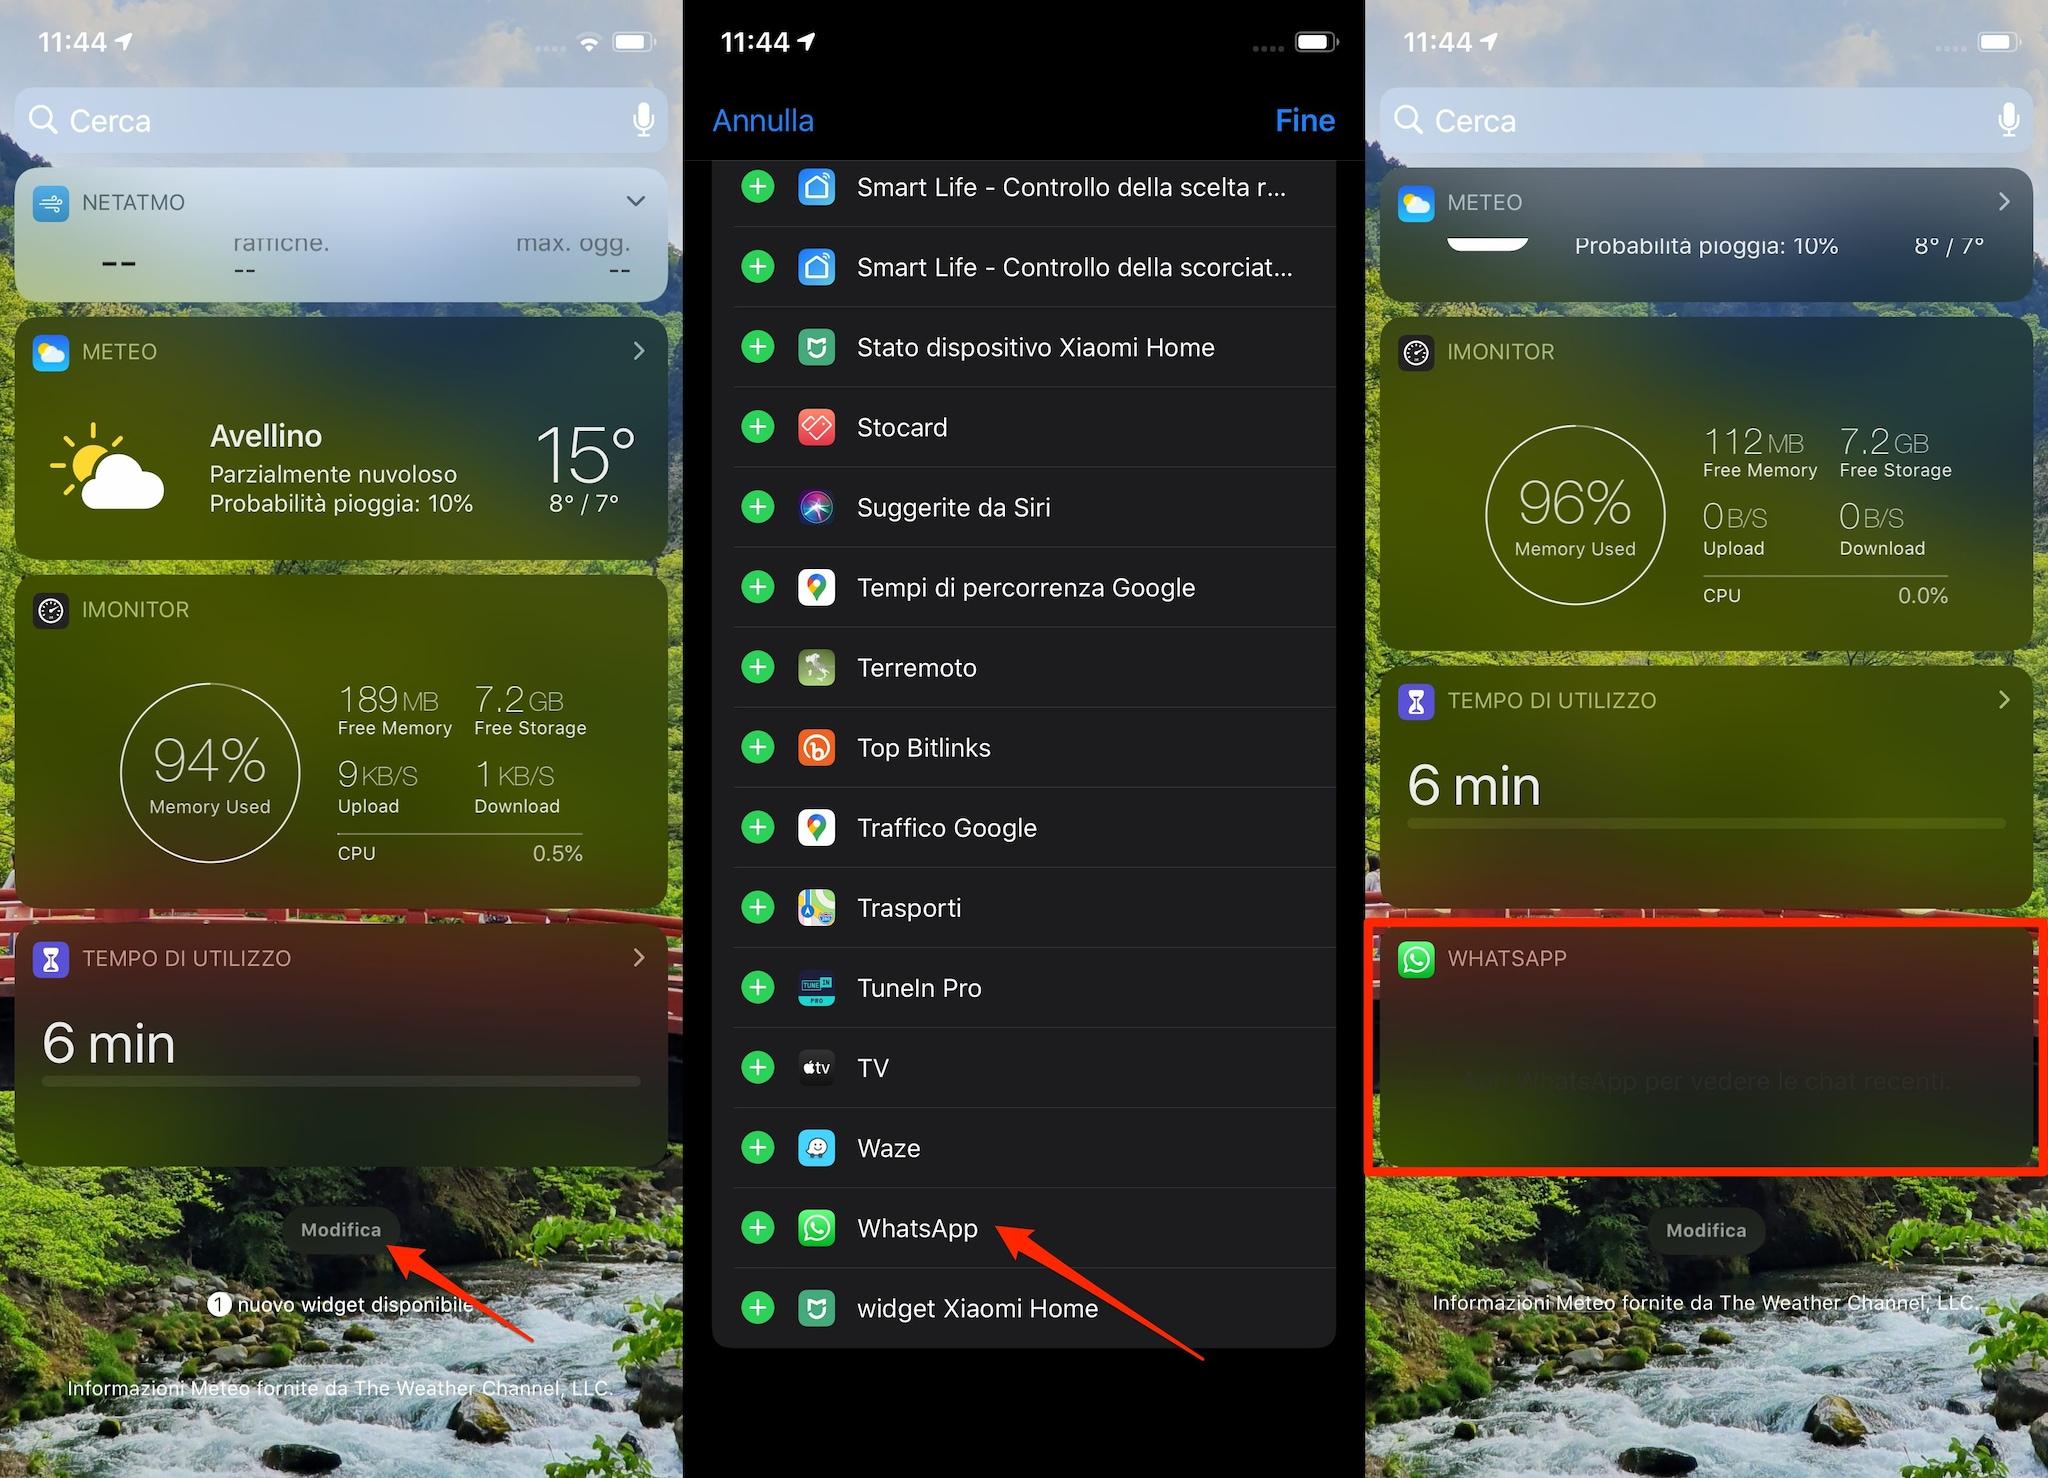 trucco WhatsApp messaggi veloci velocemente collegamenti widget iphone android